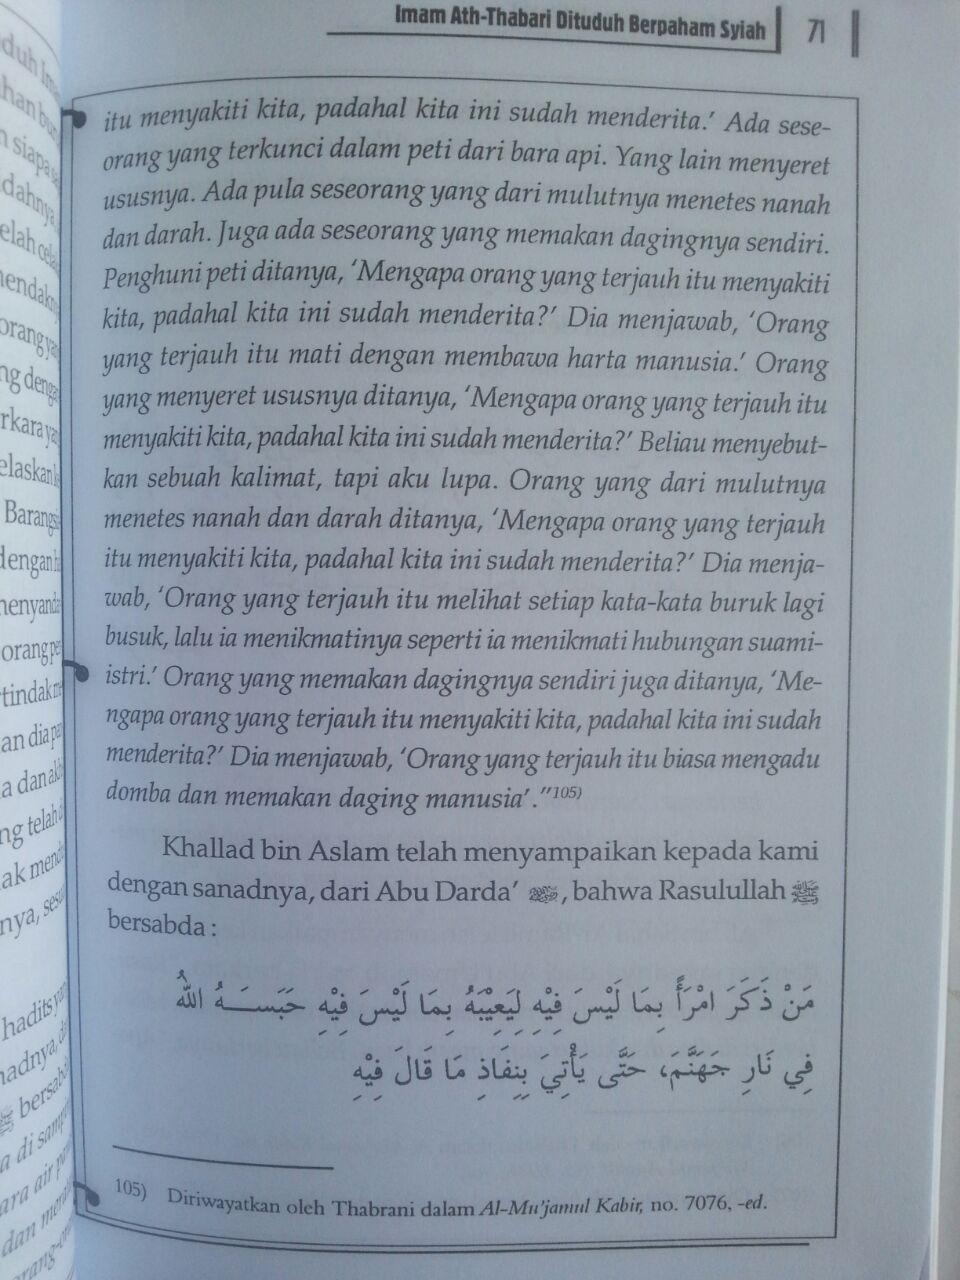 Buku Astaghfirullah Ulama Difitnah isi 3